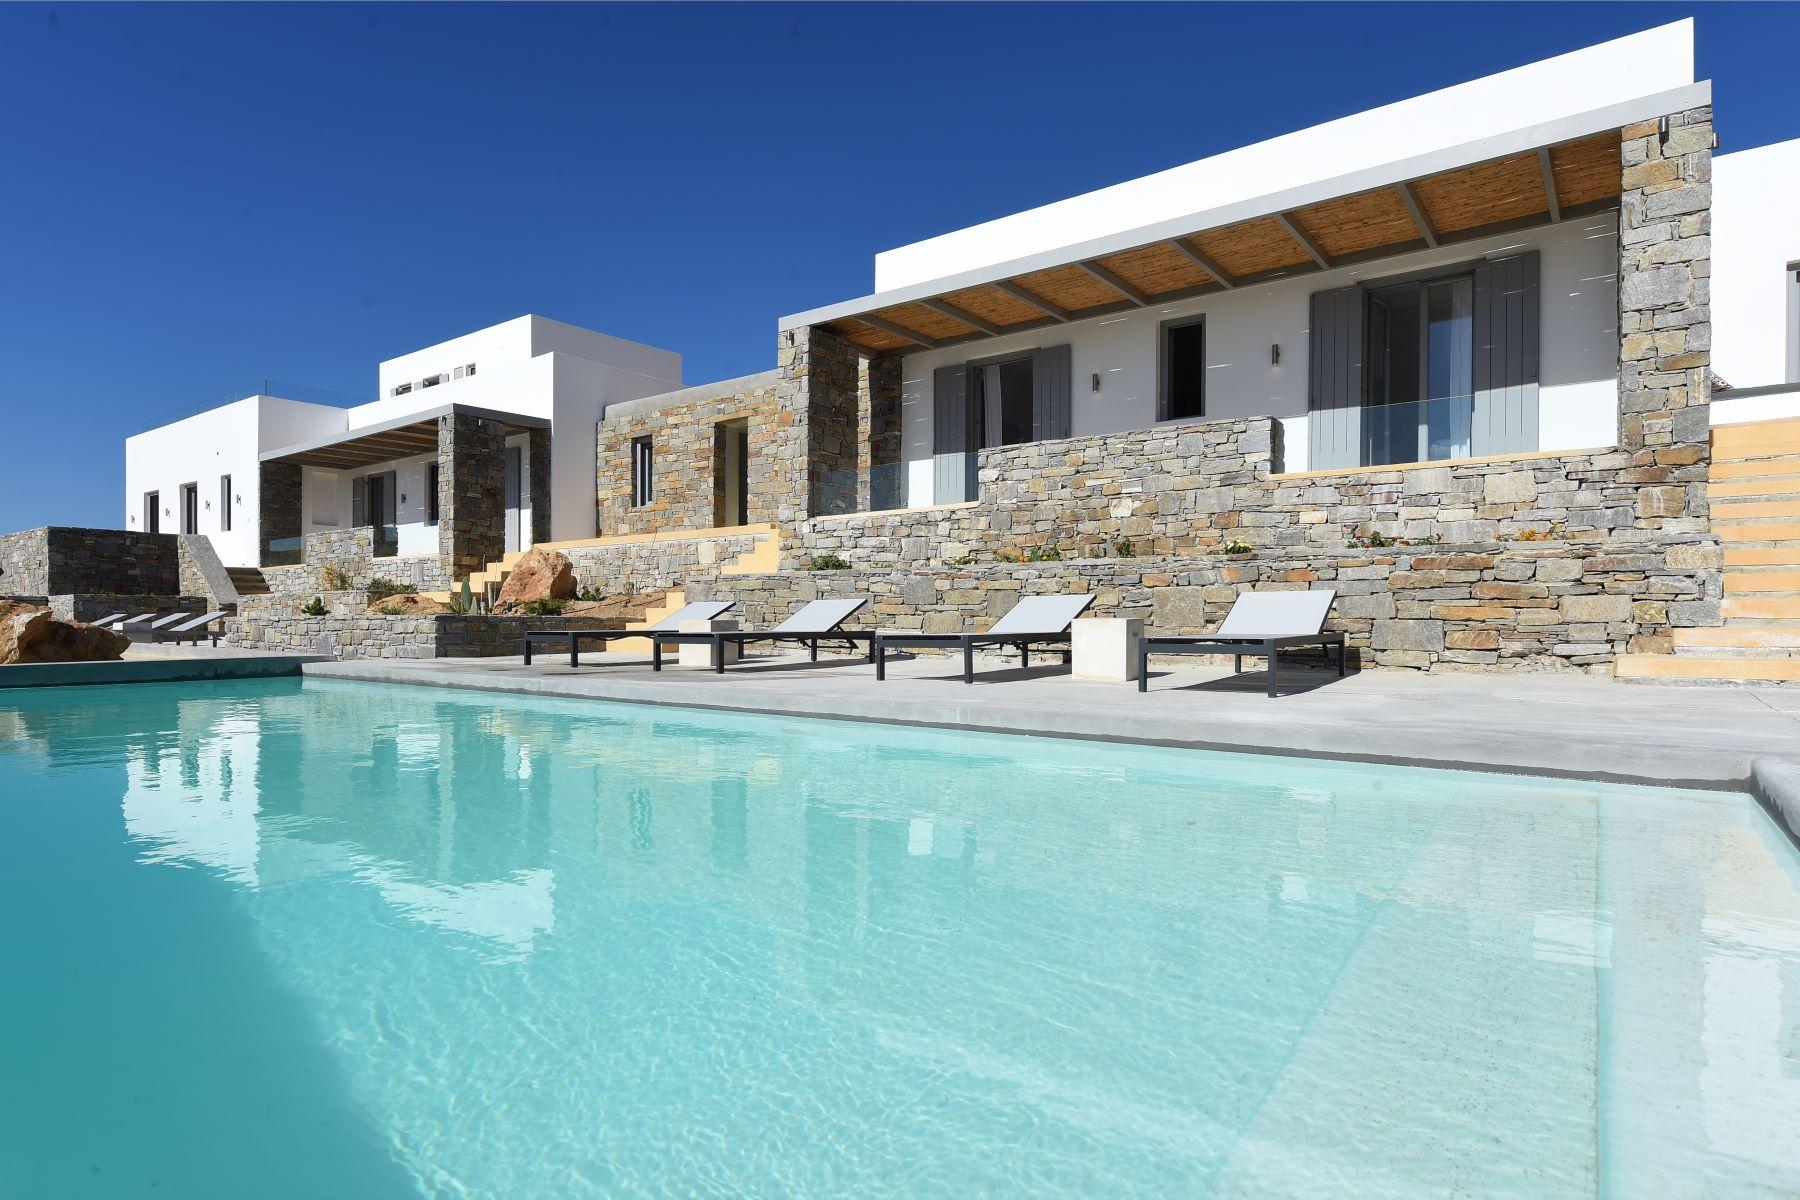 Villa per Vendita alle ore Azzura Paros, Egeo Meridionale, Grecia